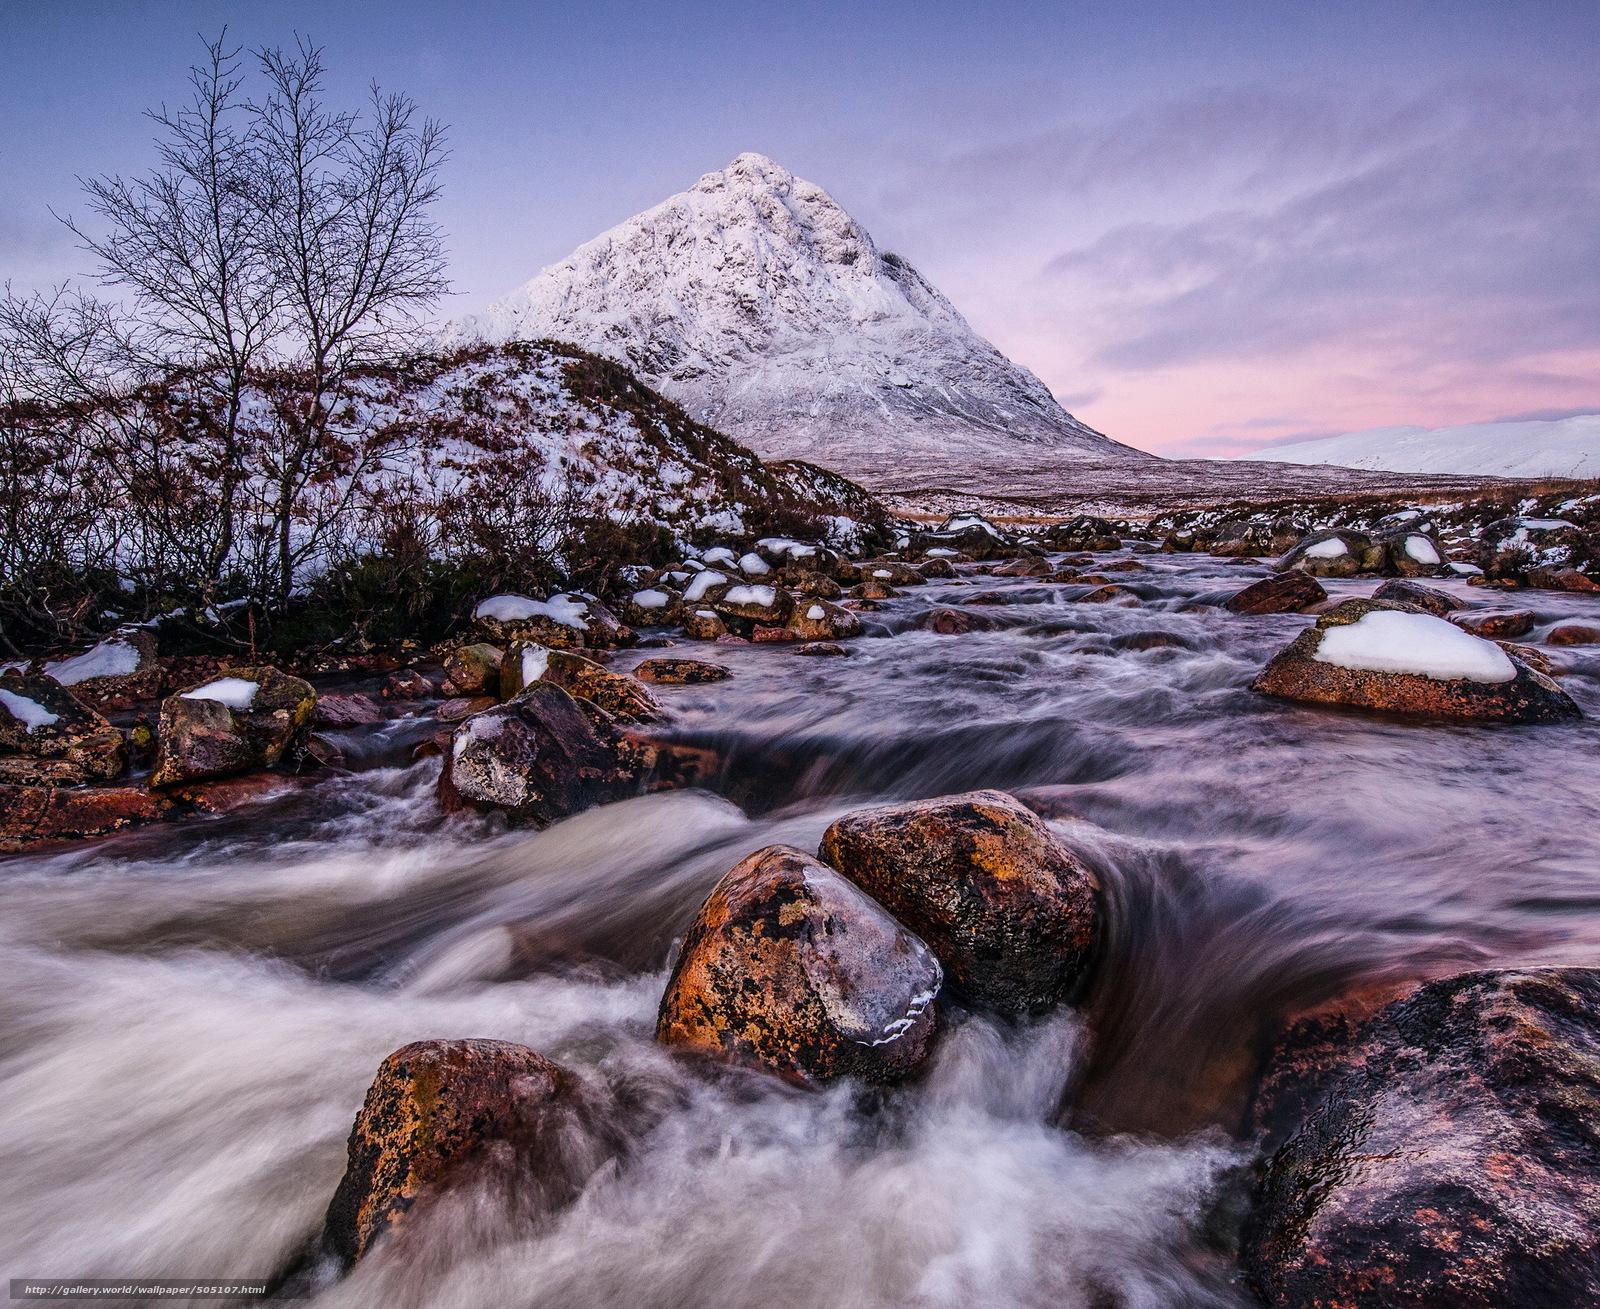 Scaricare gli sfondi montagna fiume ruscello inverno for Sfondi desktop inverno montagna